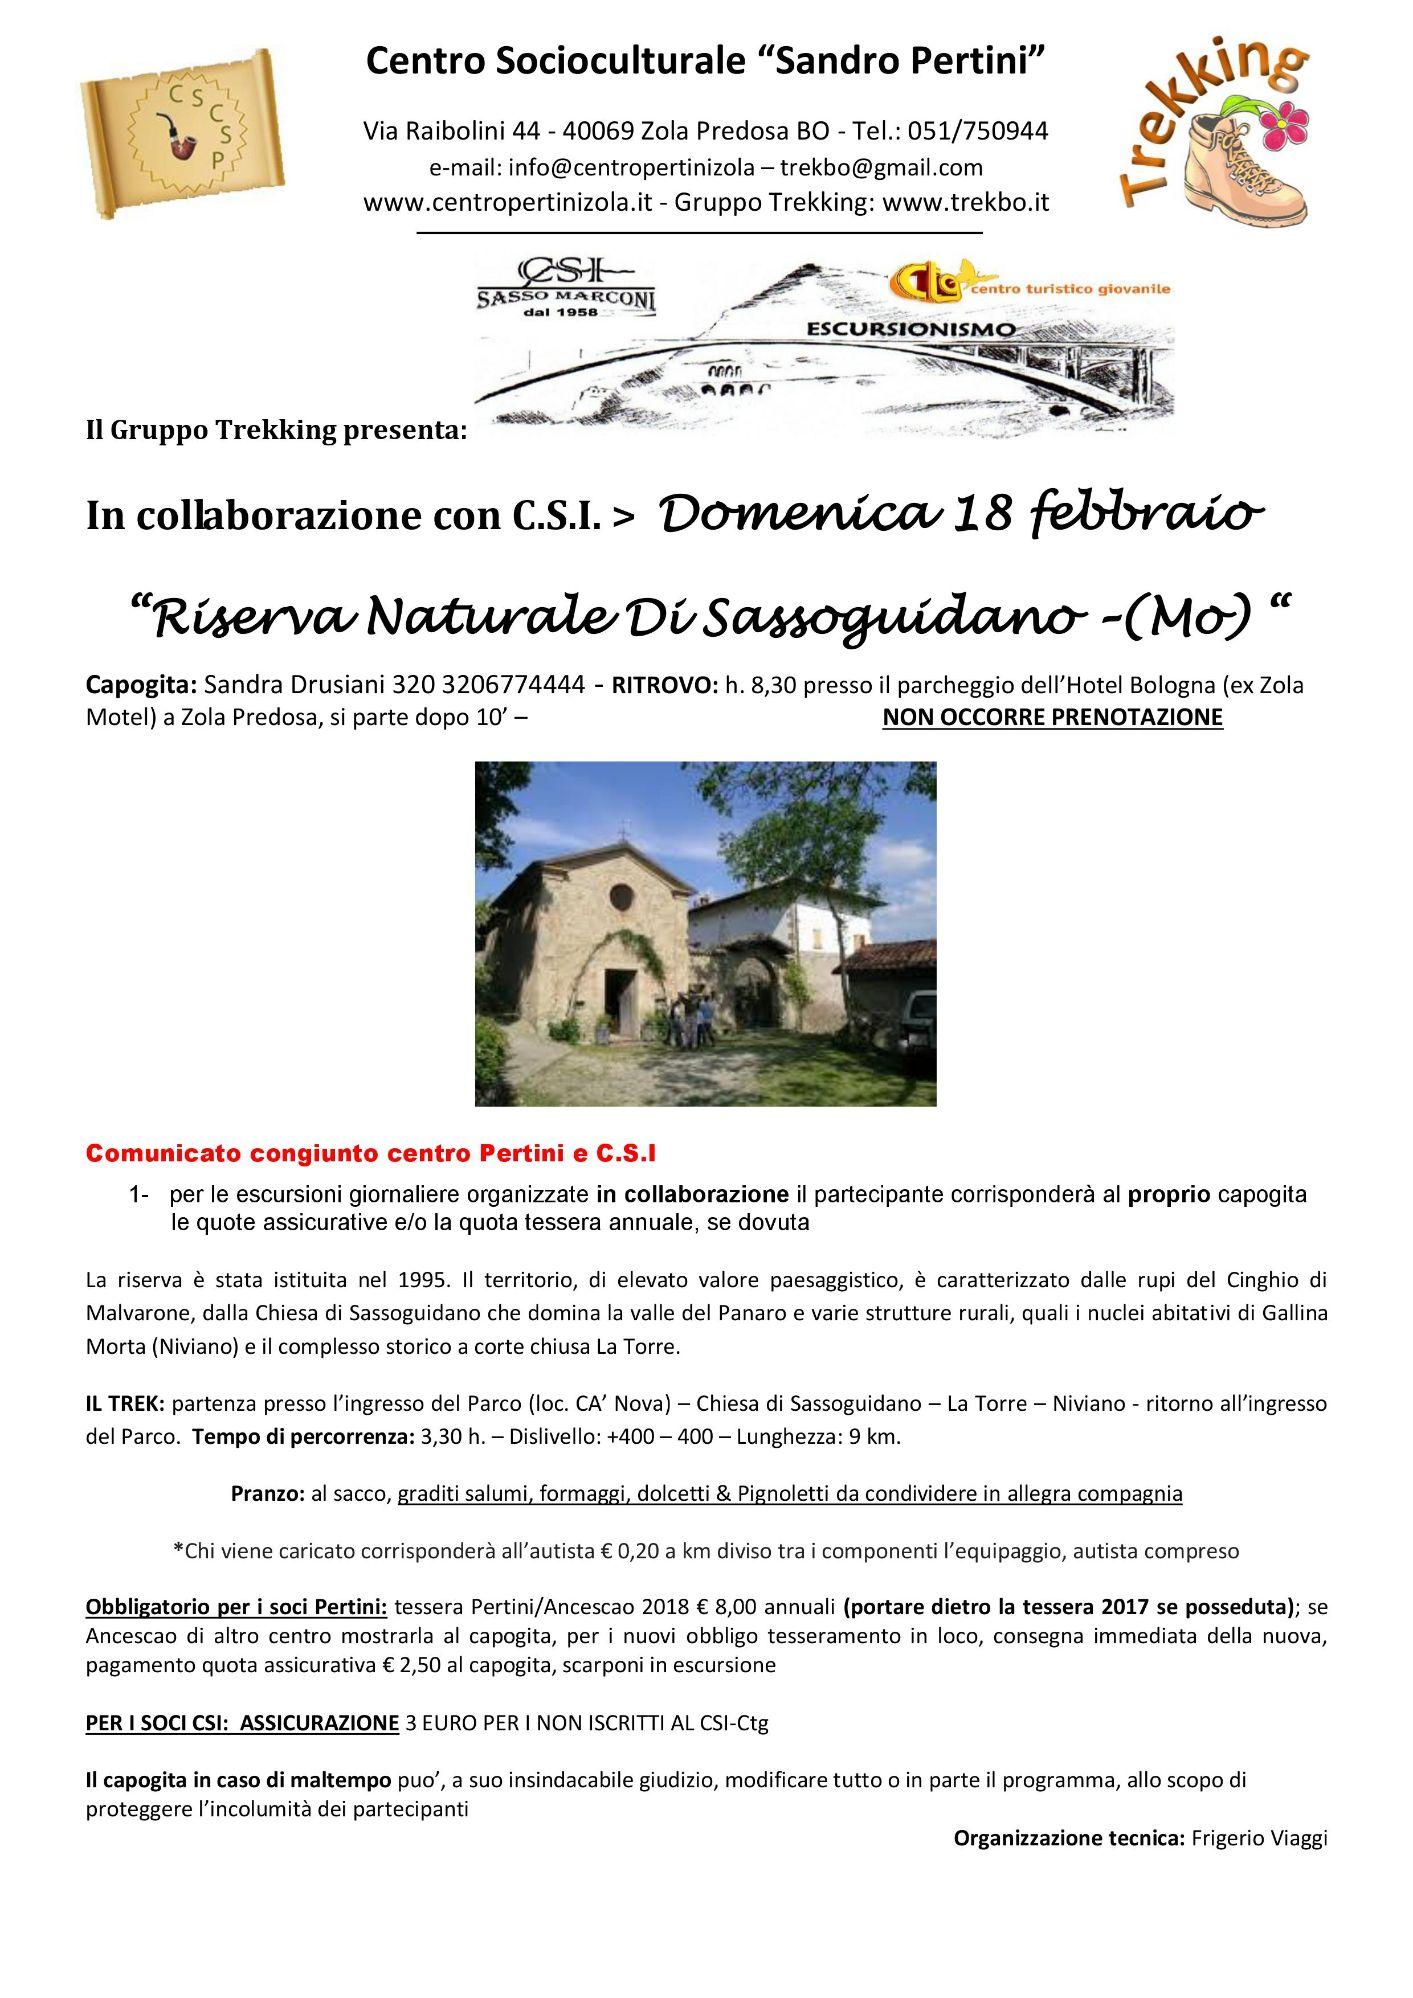 Riserva Naturale Di Sassoguidano (MO)